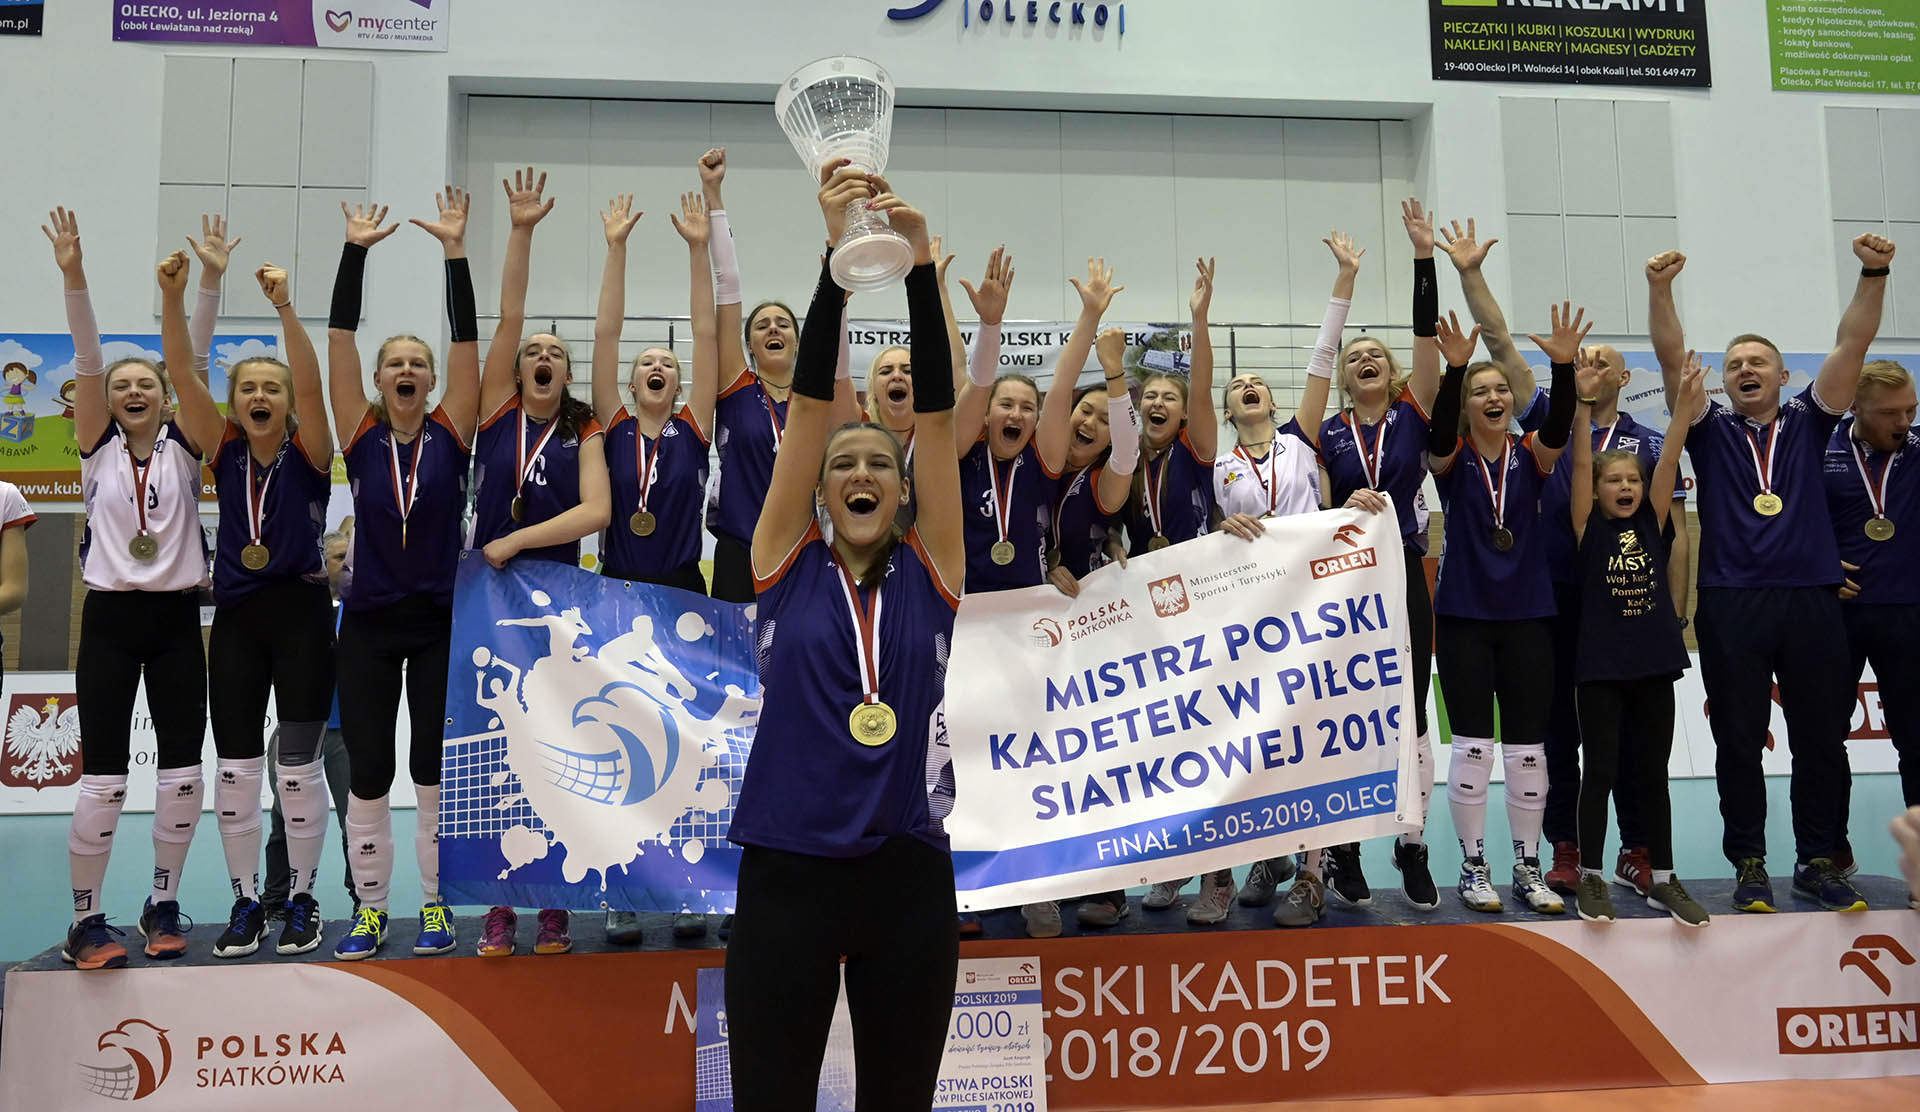 MP kadetek - Olecko 2019: KS Pałac Bydgoszcz złotym medalistą